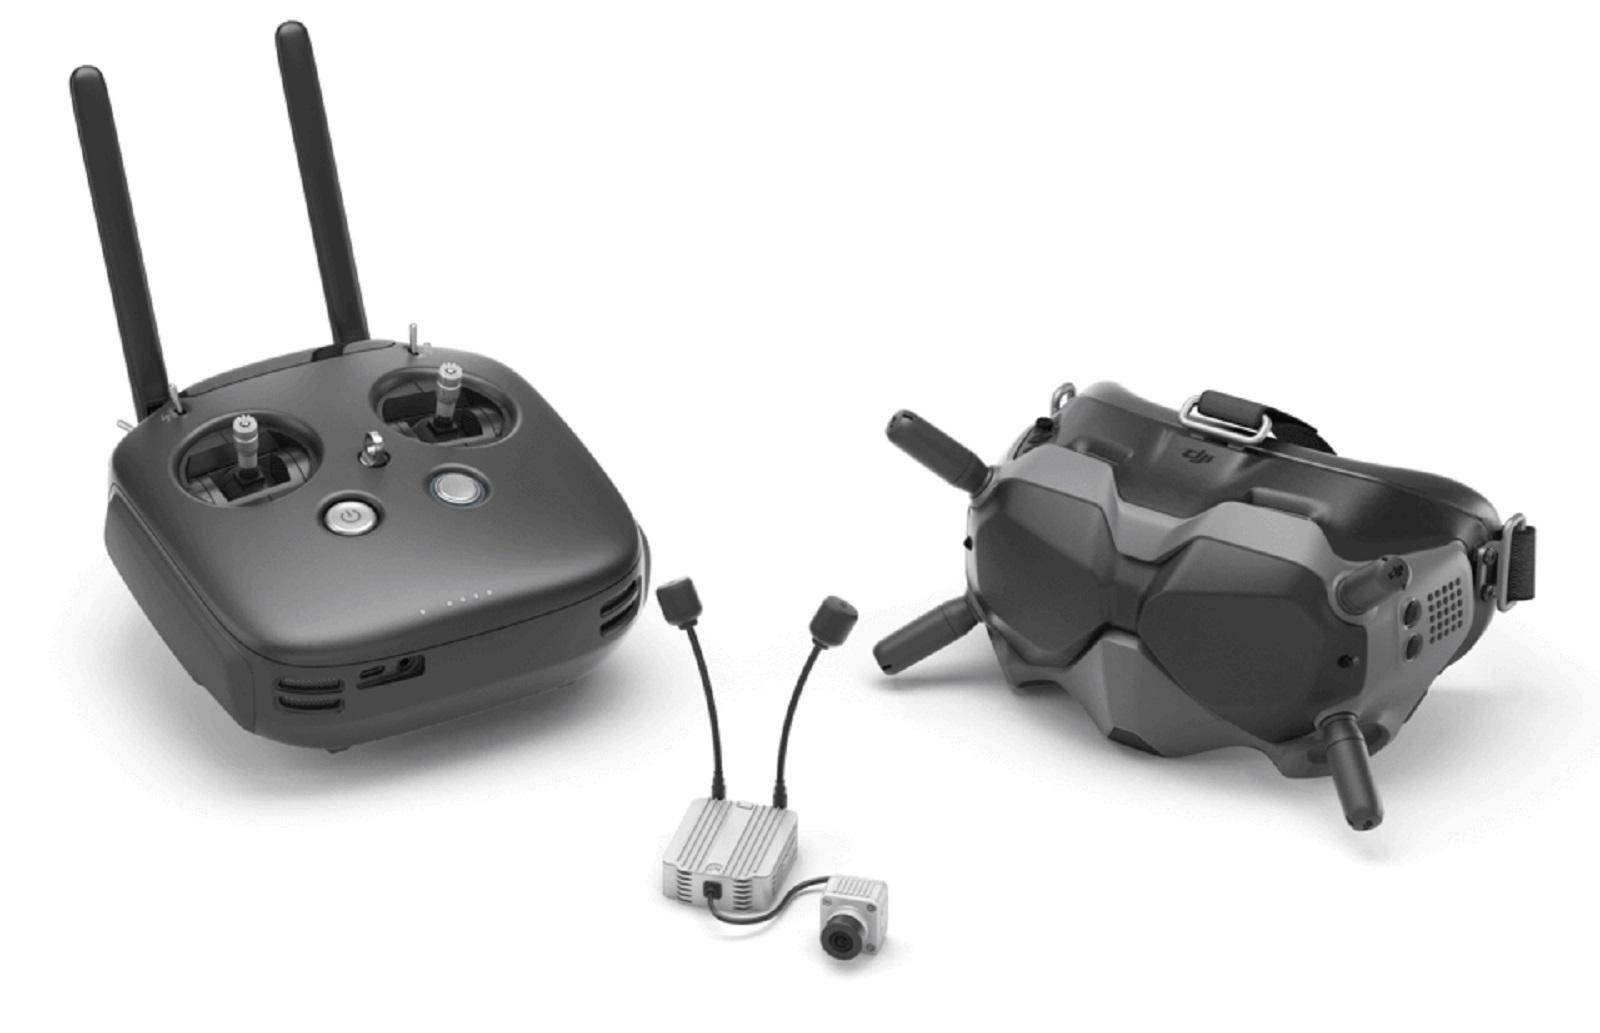 Выпущена новая прошивка DJI Digital FPV System – v01.00.05.00 – добавлена поддержка камеры Caddx Nebula